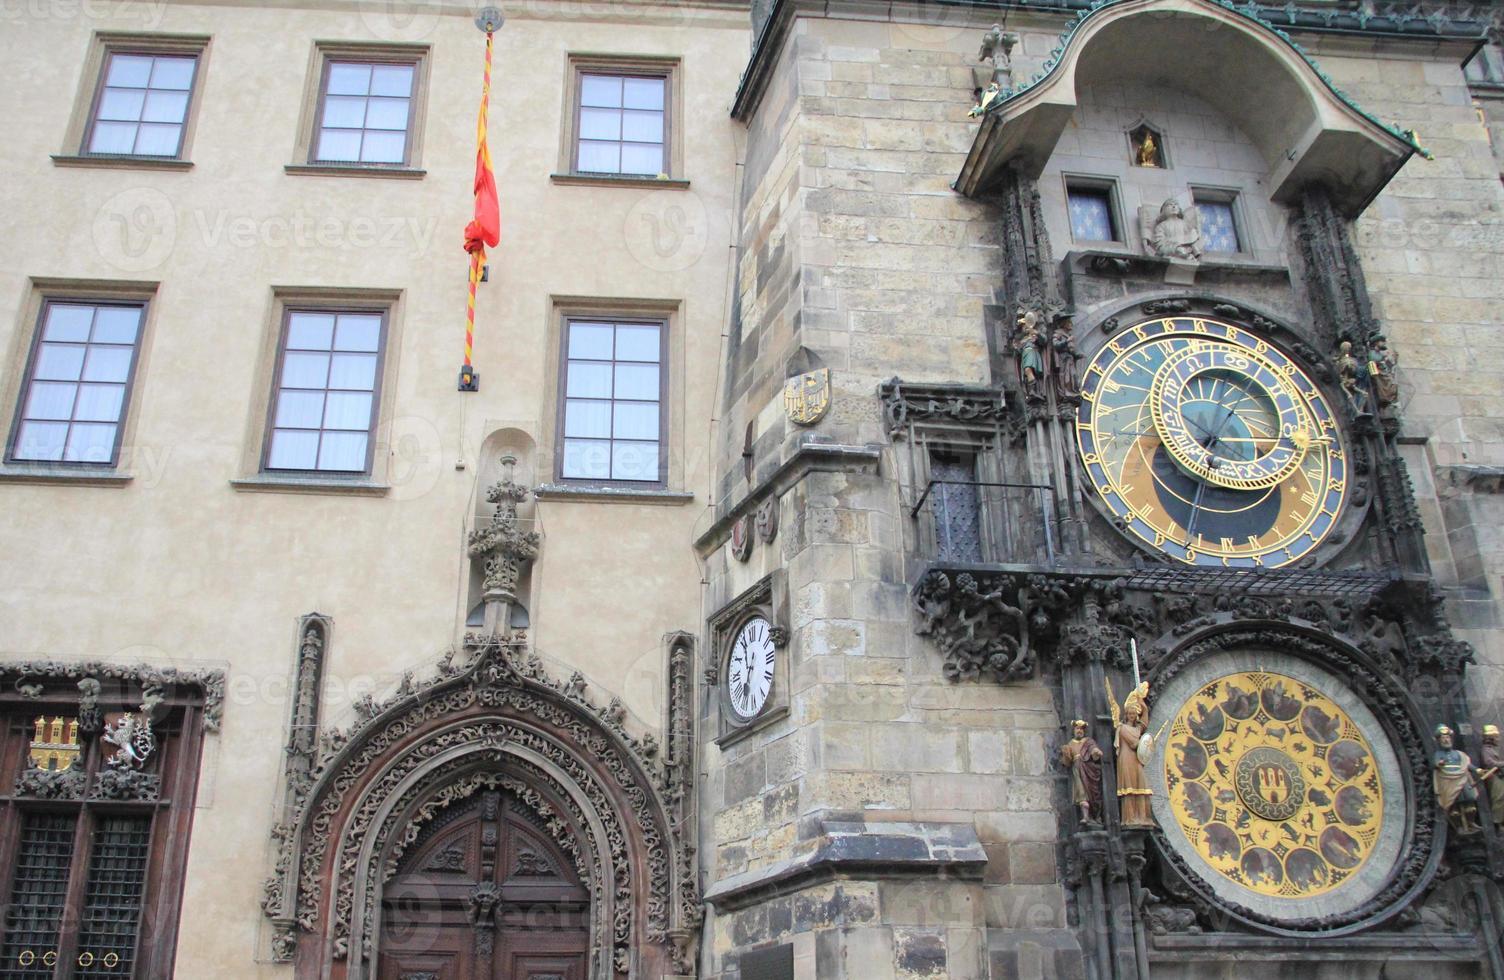 de straten van Praag, torens en torenspitsen. foto